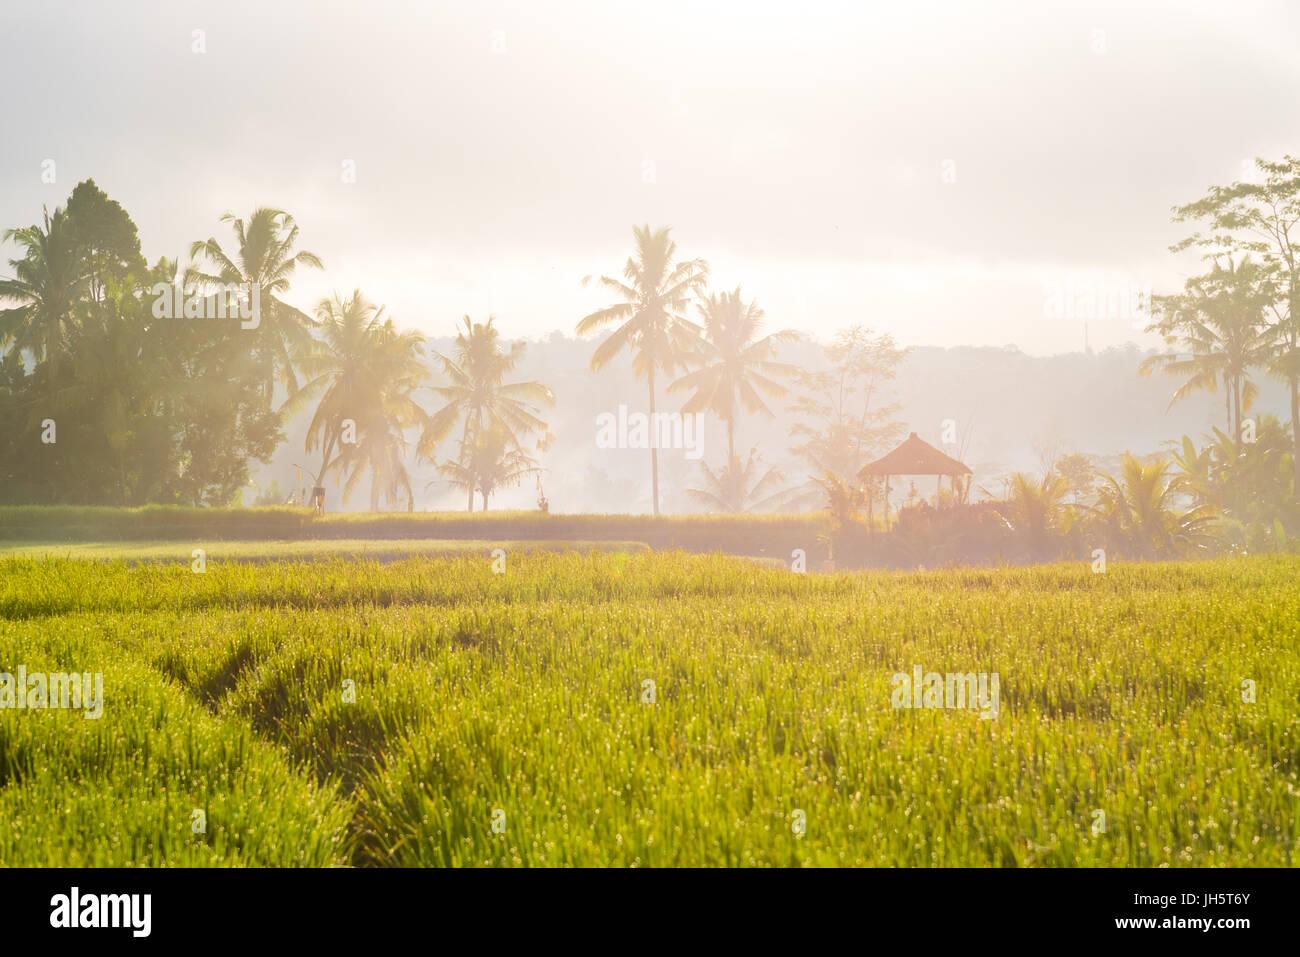 Blick über Reisfelder und Kokospalmen in Asien Stockfoto